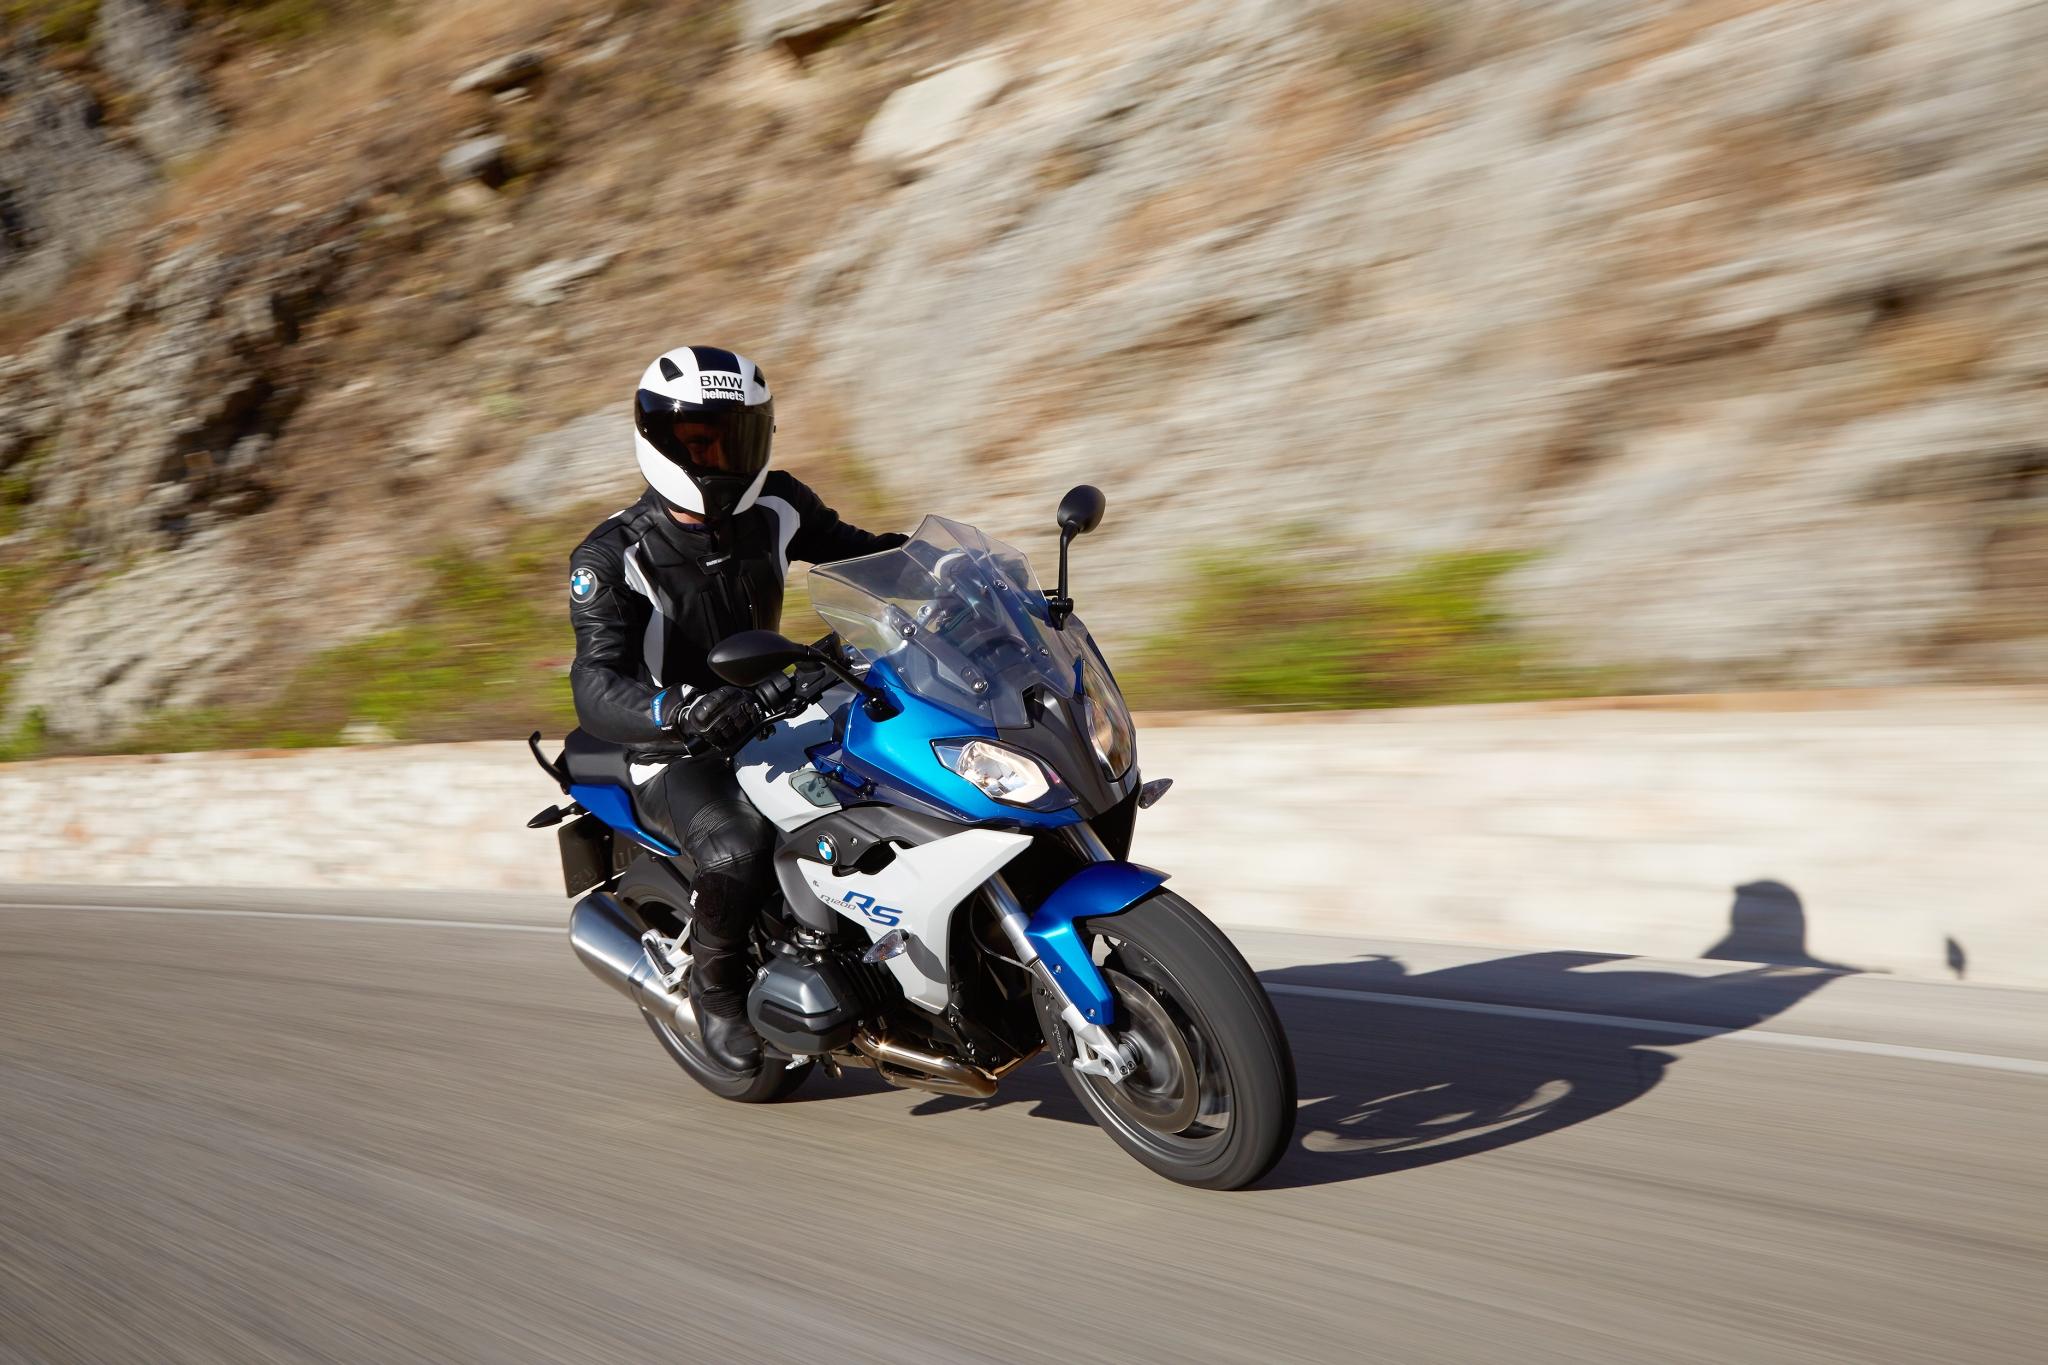 менее фото на мотоцикле бмв в селе иллюстрировании поста легко